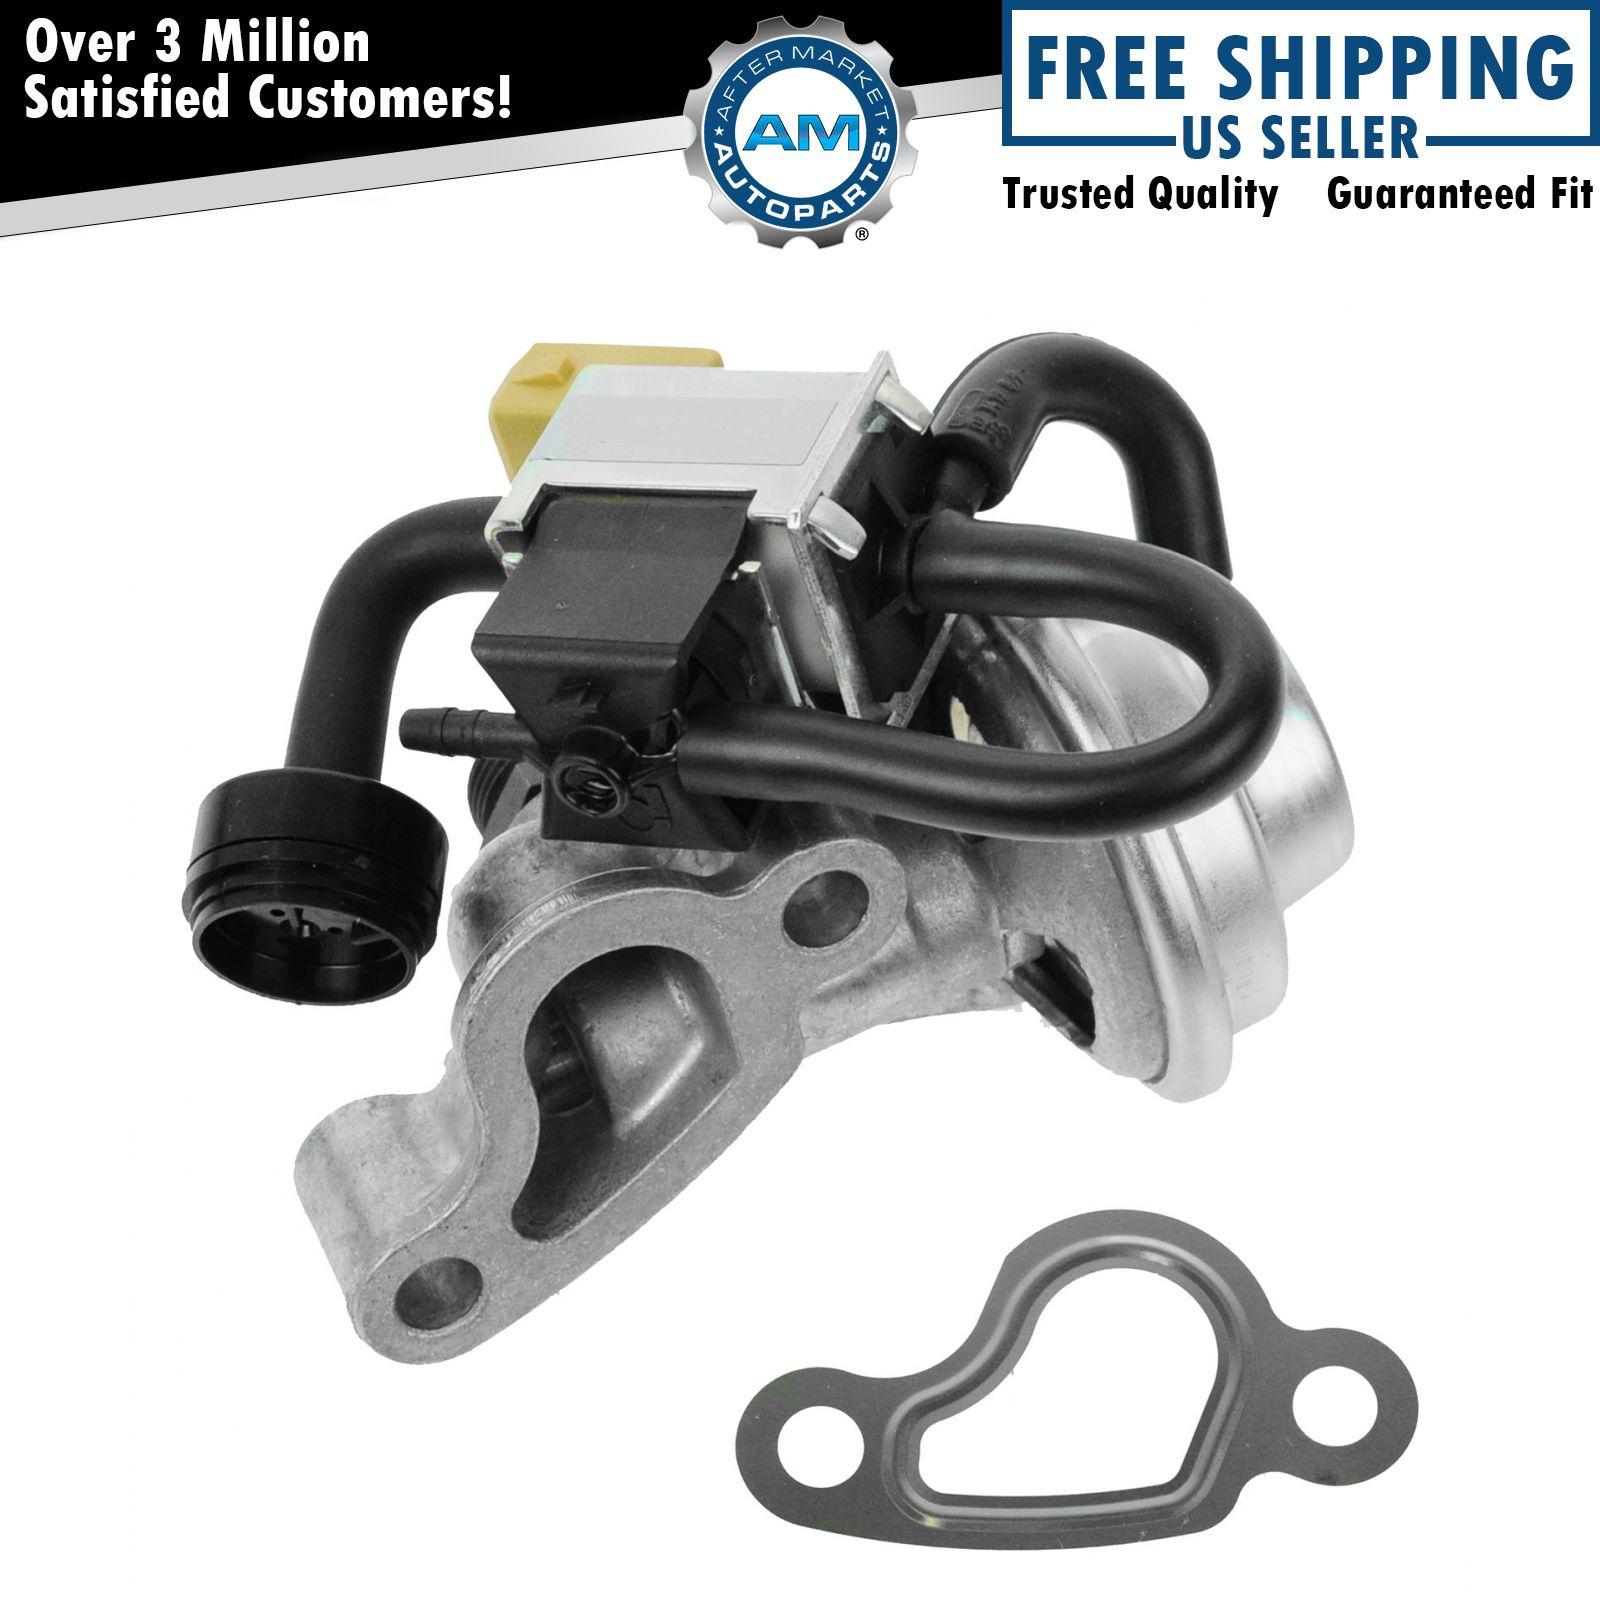 Emissions Egr Valve Assembly For Mercedes Benz C240 C280